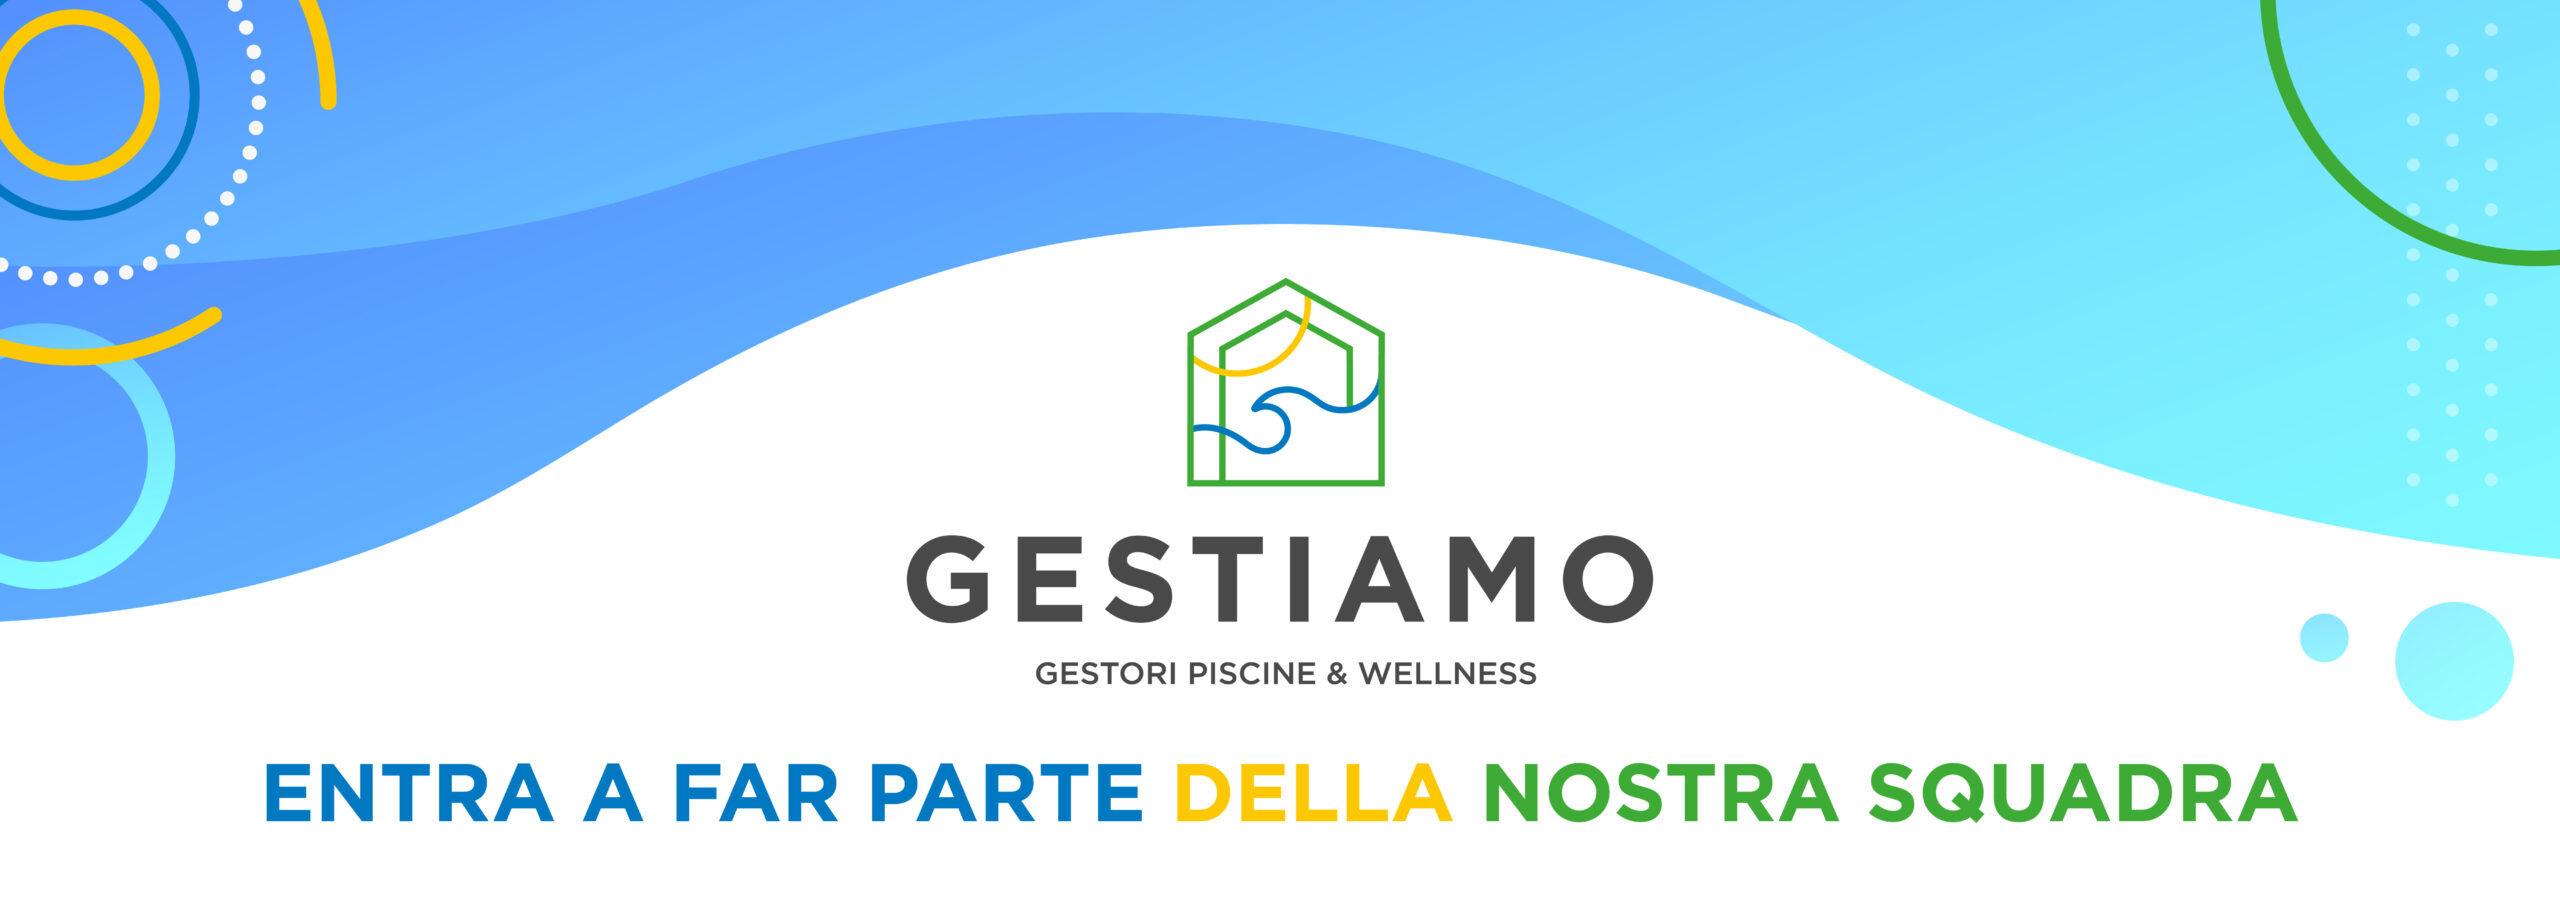 Facciamo parte di GESTIAMO - Gestori Piscine & Wellness